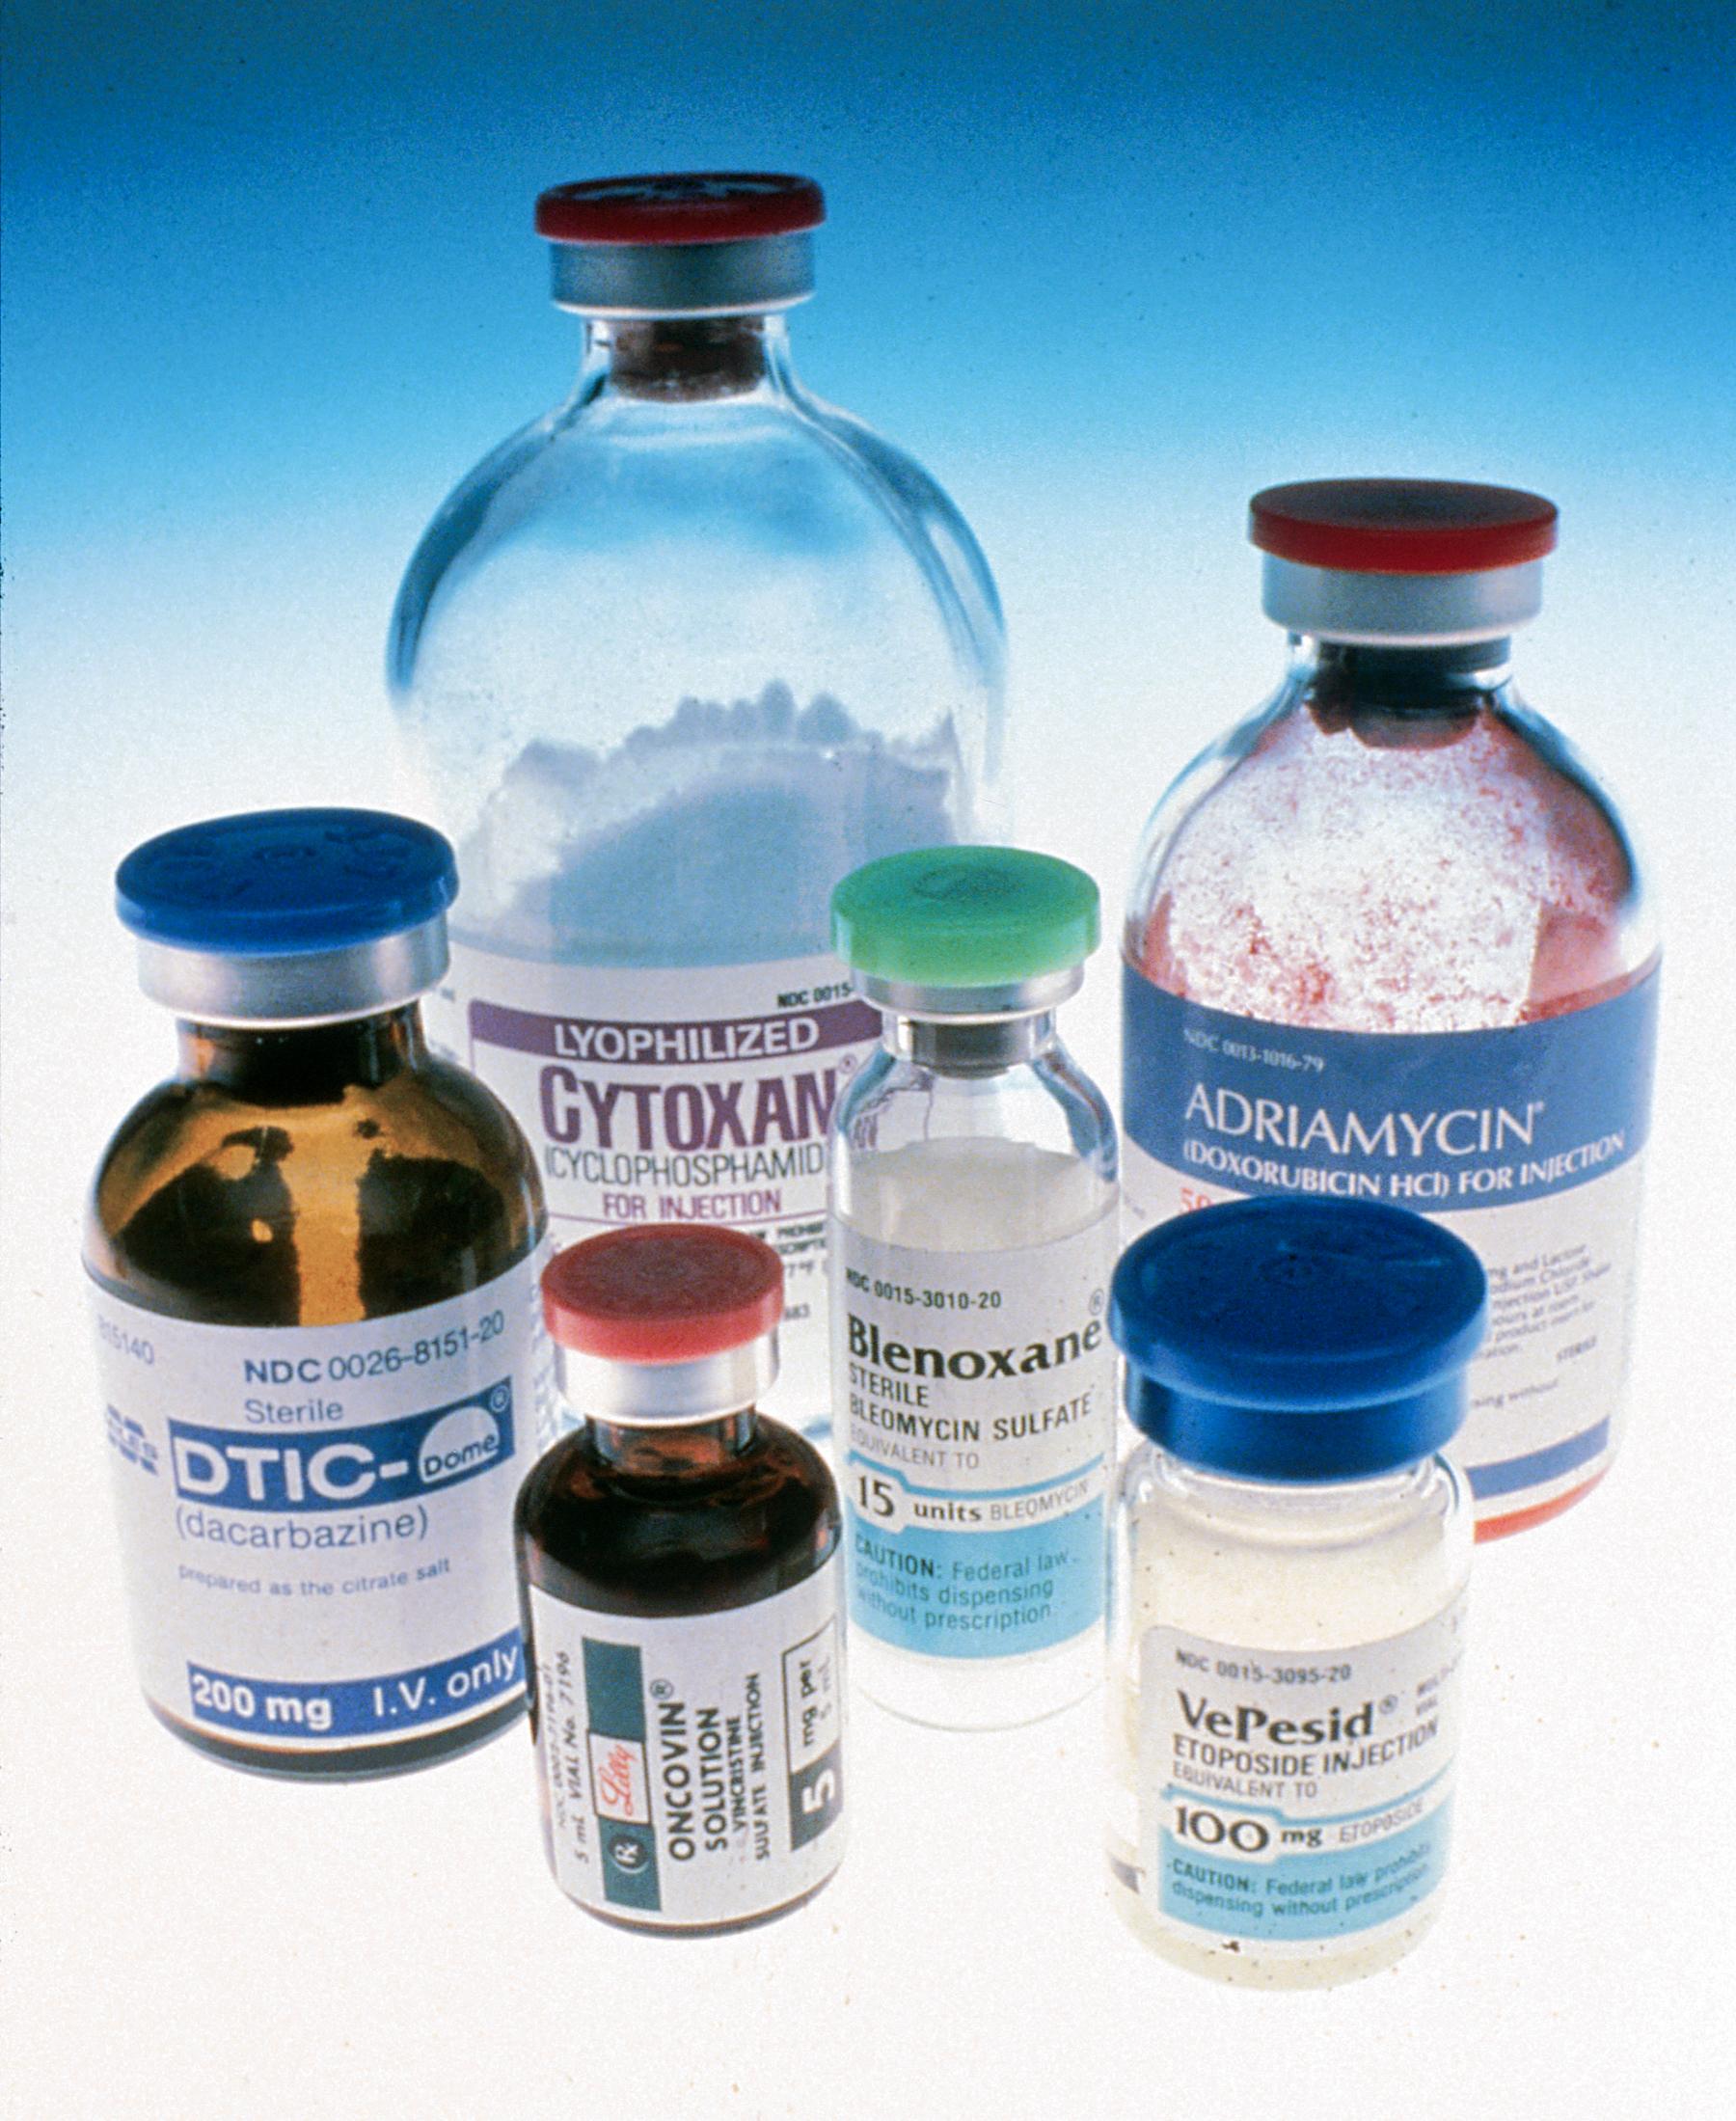 Index - Belföld - Top ezek voltak a legnépszerűbb gyógyszerek tavaly